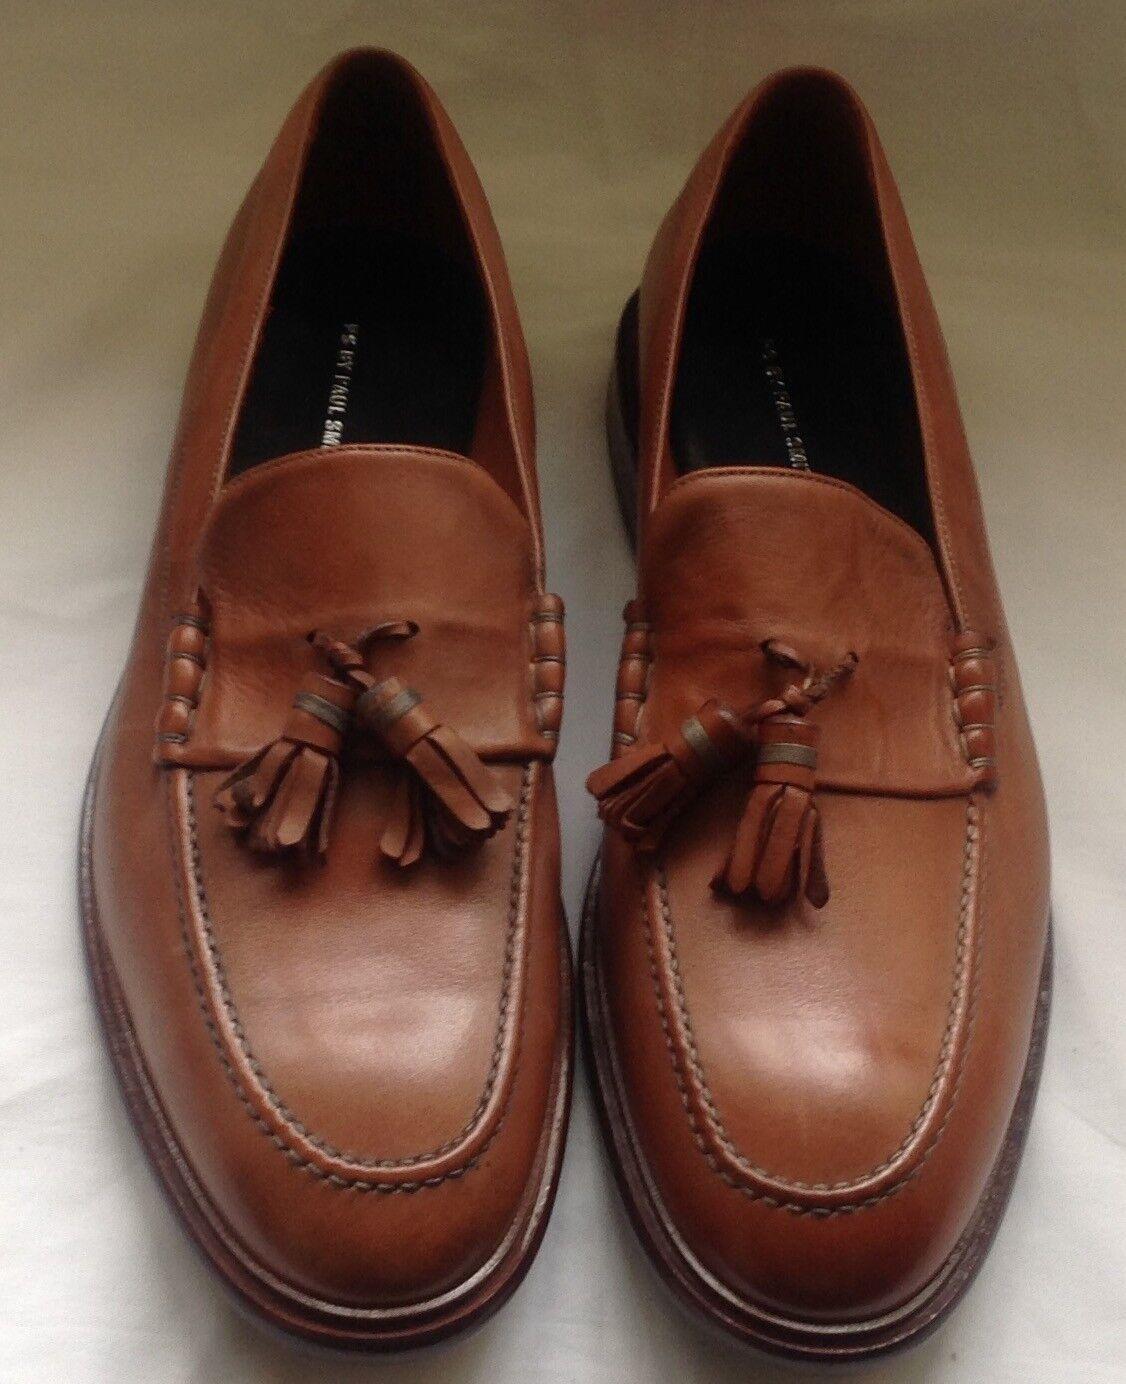 Paul Smith scarpe Lofers  Omarr Marronee.  negozio fa acquisti e vendite